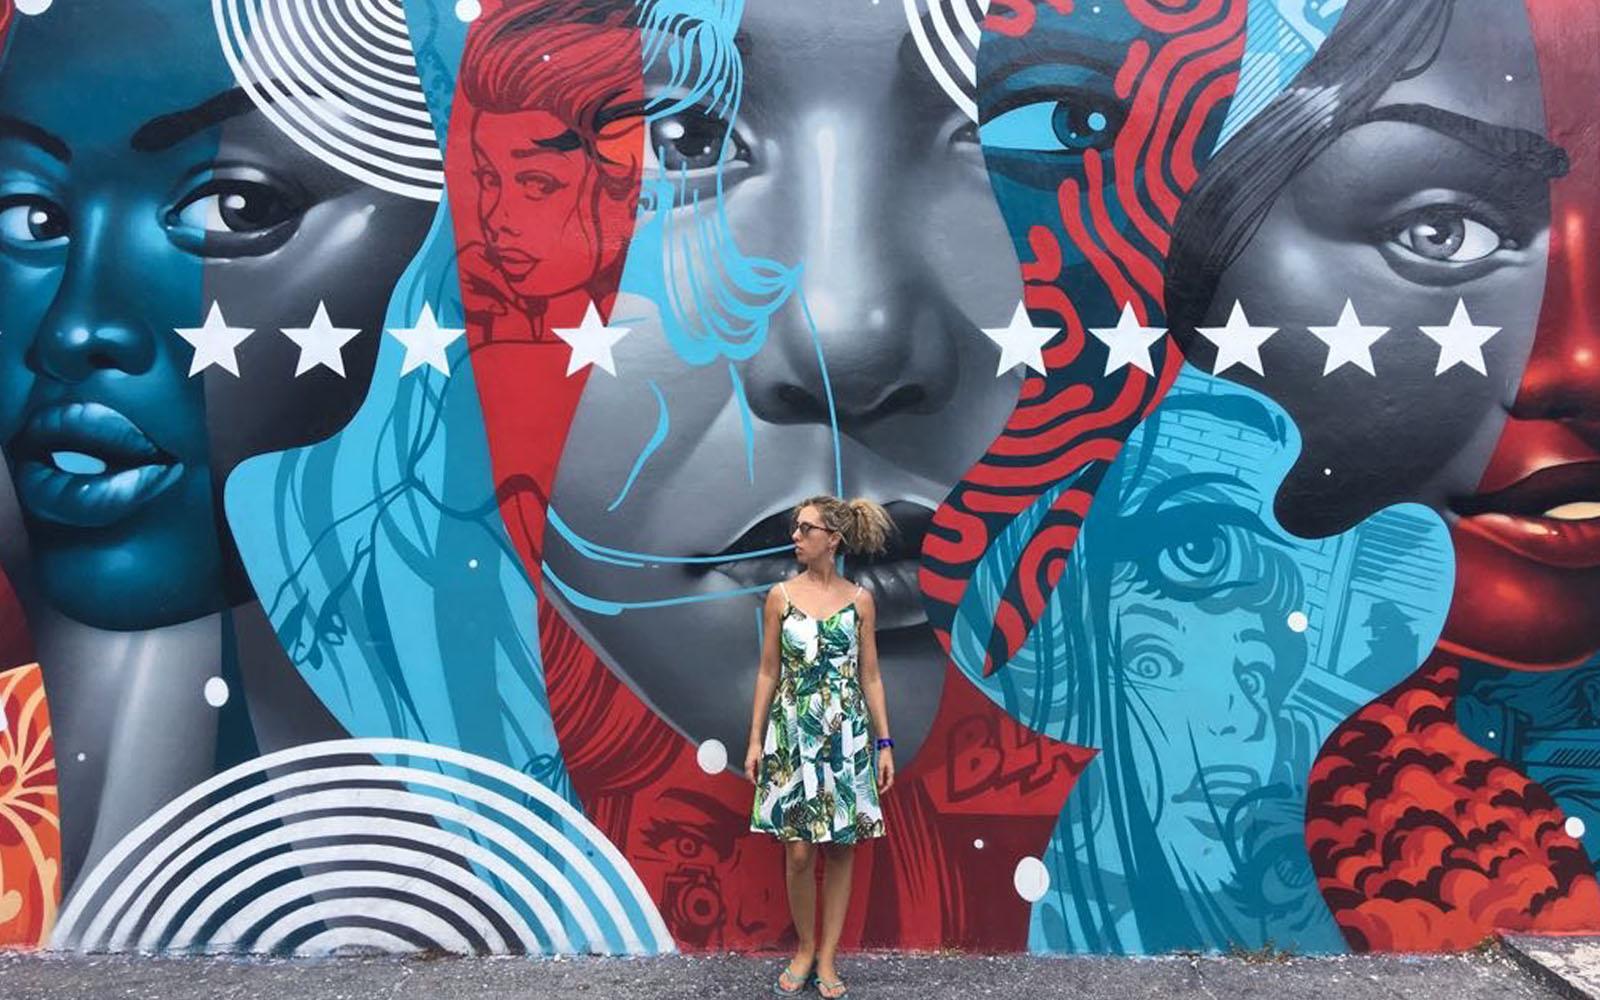 Uno dei molteplici murale del quartiere di Wynwood, a Miami.